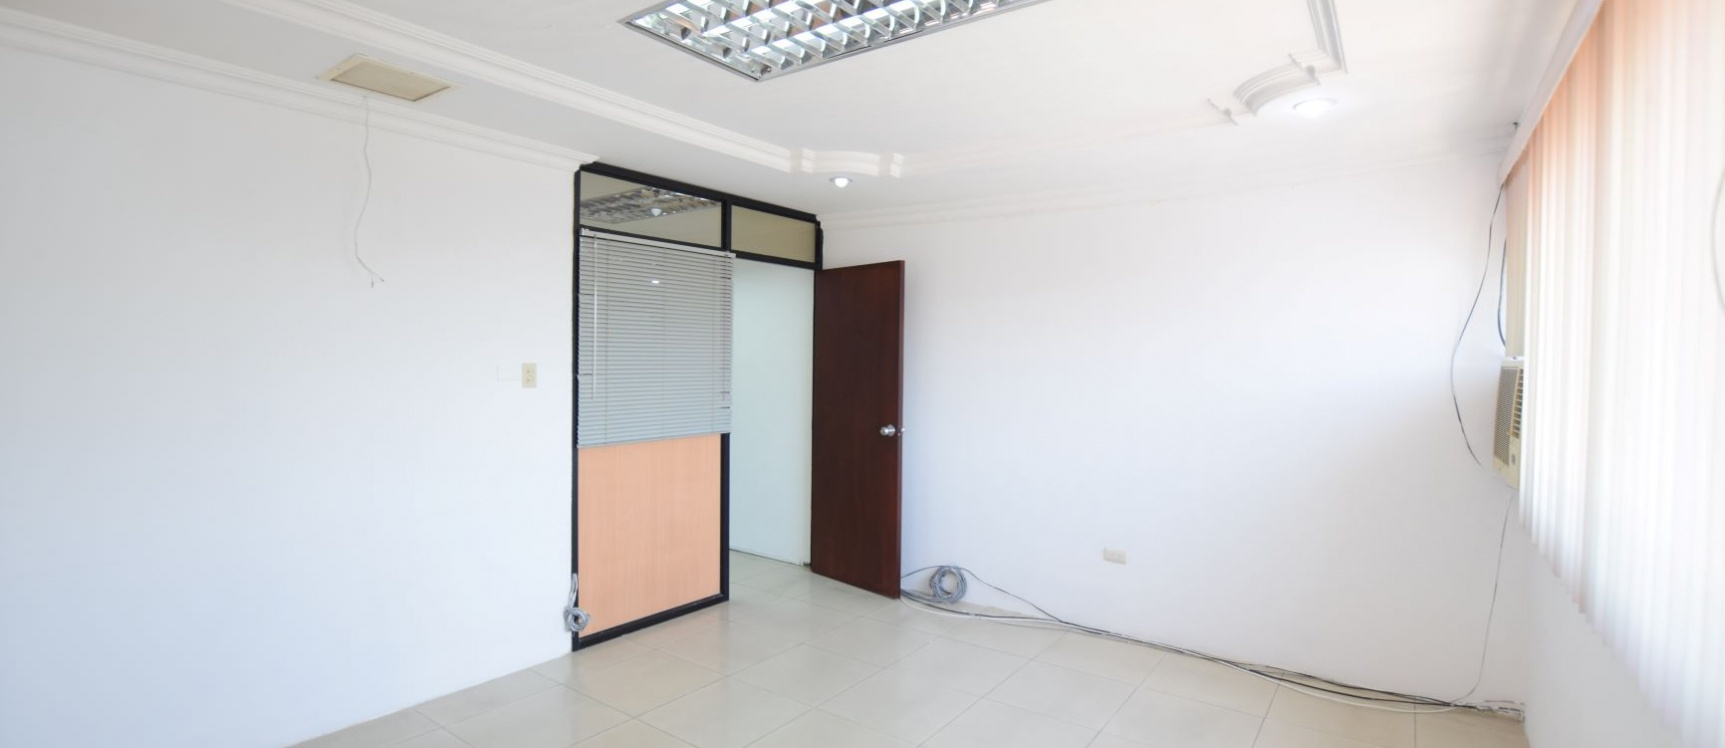 GeoBienes - Oficina en alquiler en el Centro Comercial Las Vitrinas, Norte de Guayaquil - Plusvalia Guayaquil Casas de venta y alquiler Inmobiliaria Ecuador